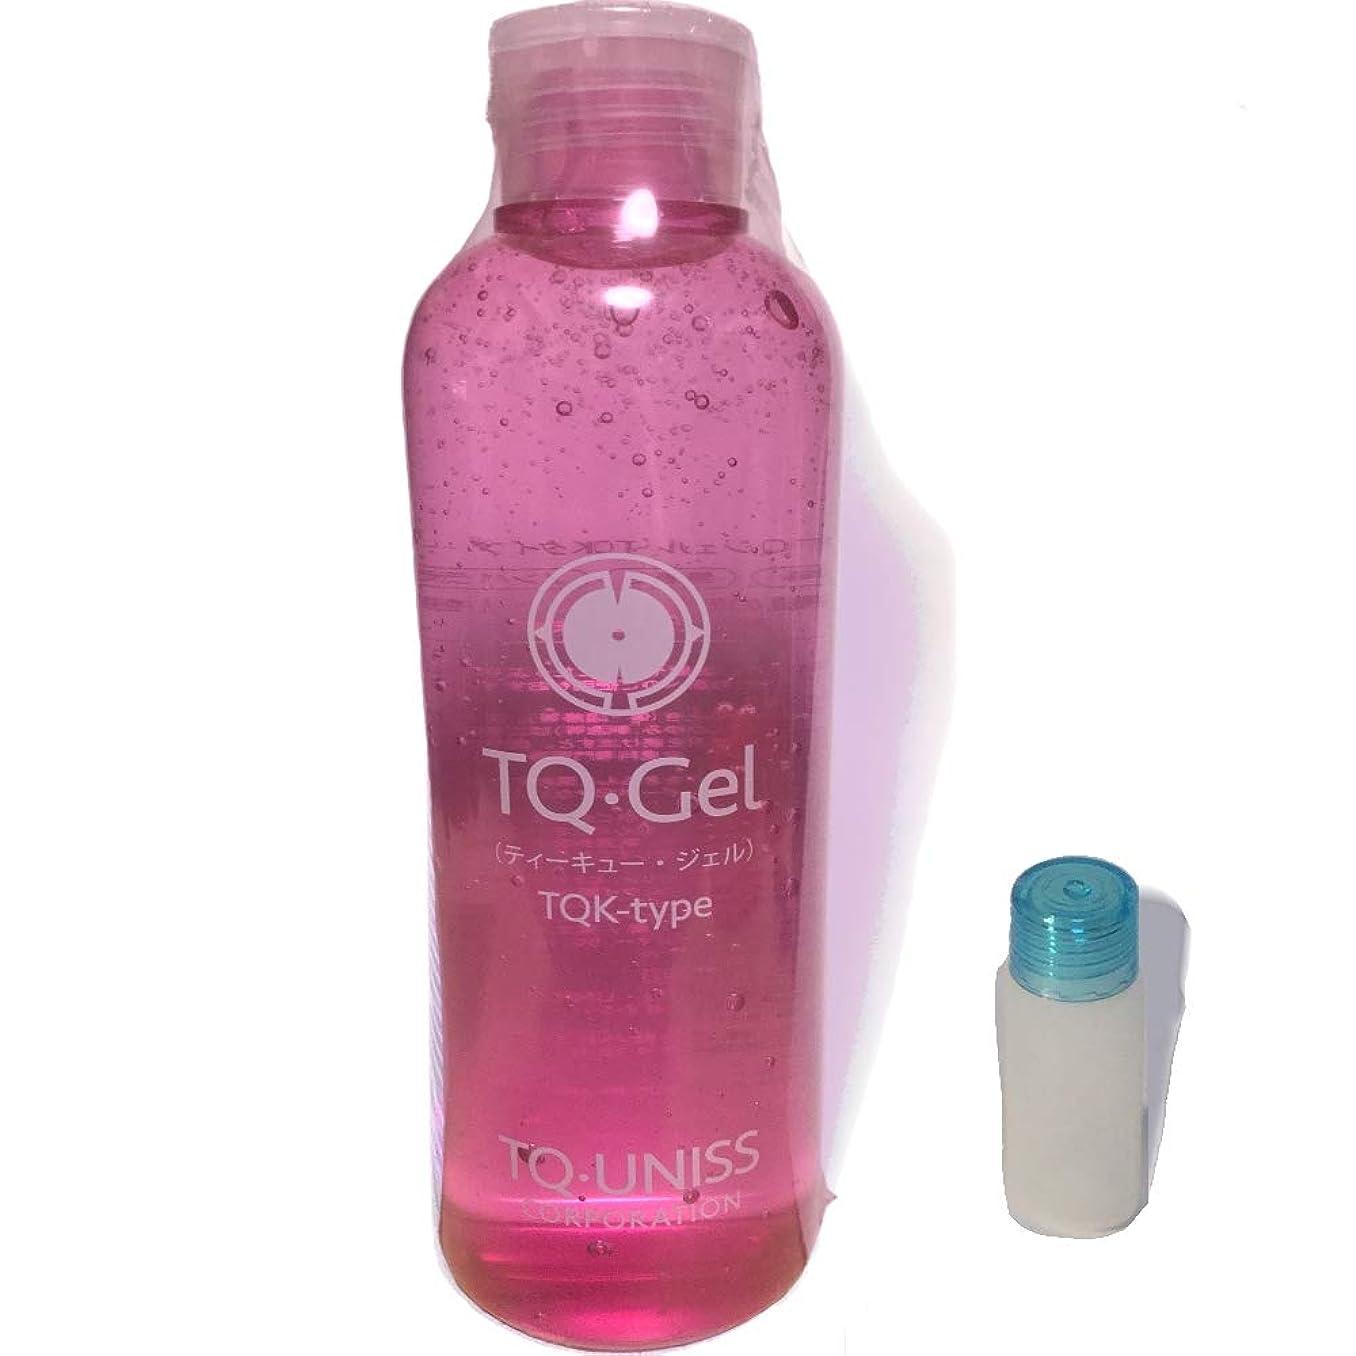 感染する毎回サイクルリーニューアル TQジェル ミニボトル5mlセット厳選された自然由来の保湿成分プラス20のエネルギー [300ml] ピンクボトル